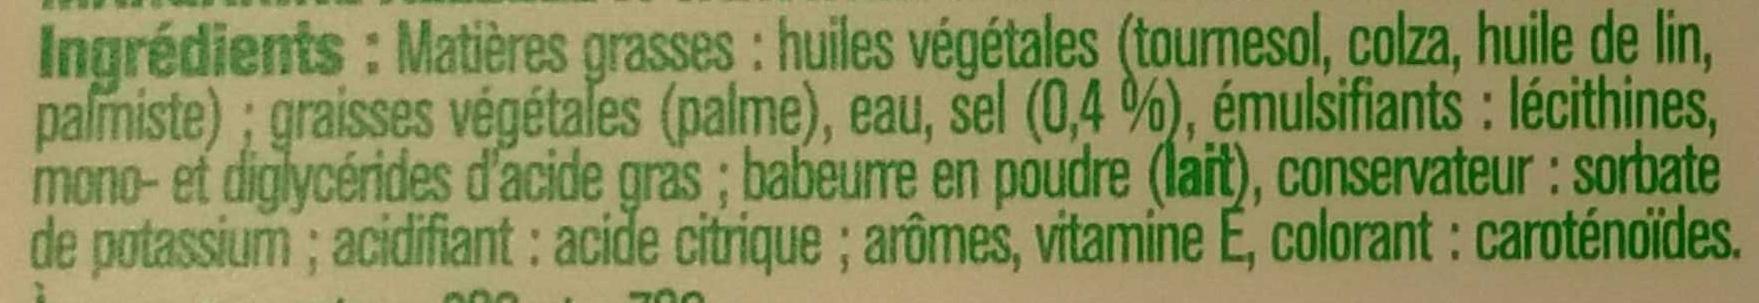 Tartine & Cuisson Doux - Ingredients - fr